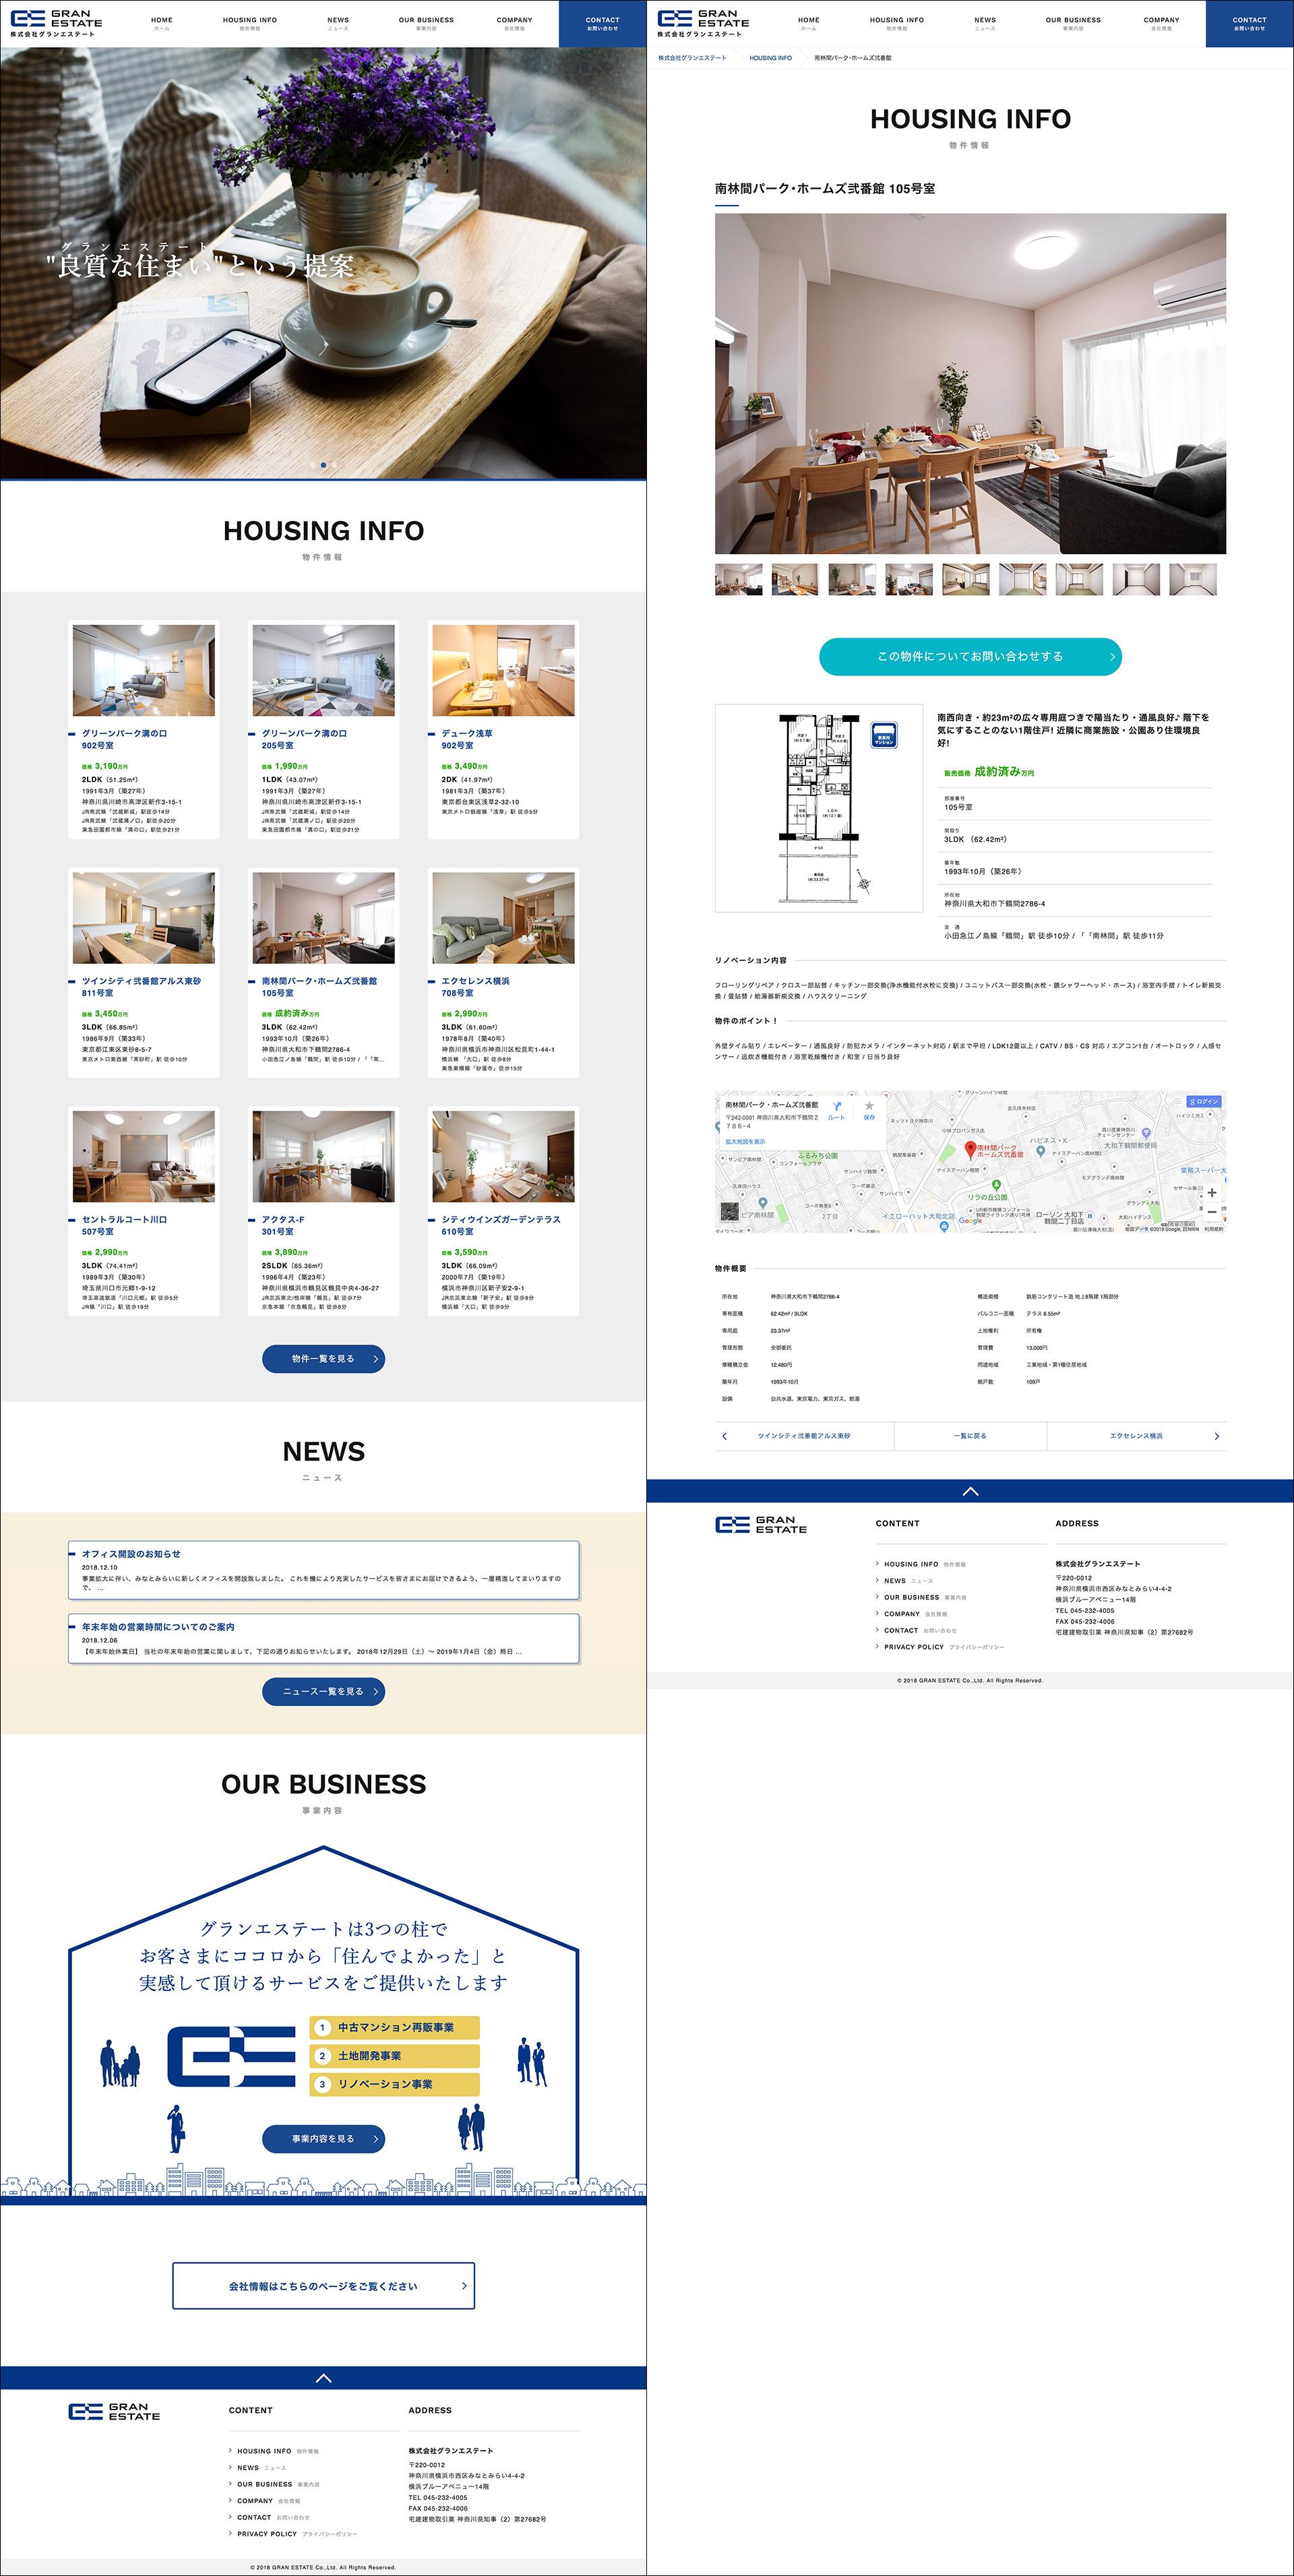 株式会社グランエステート Webサイト